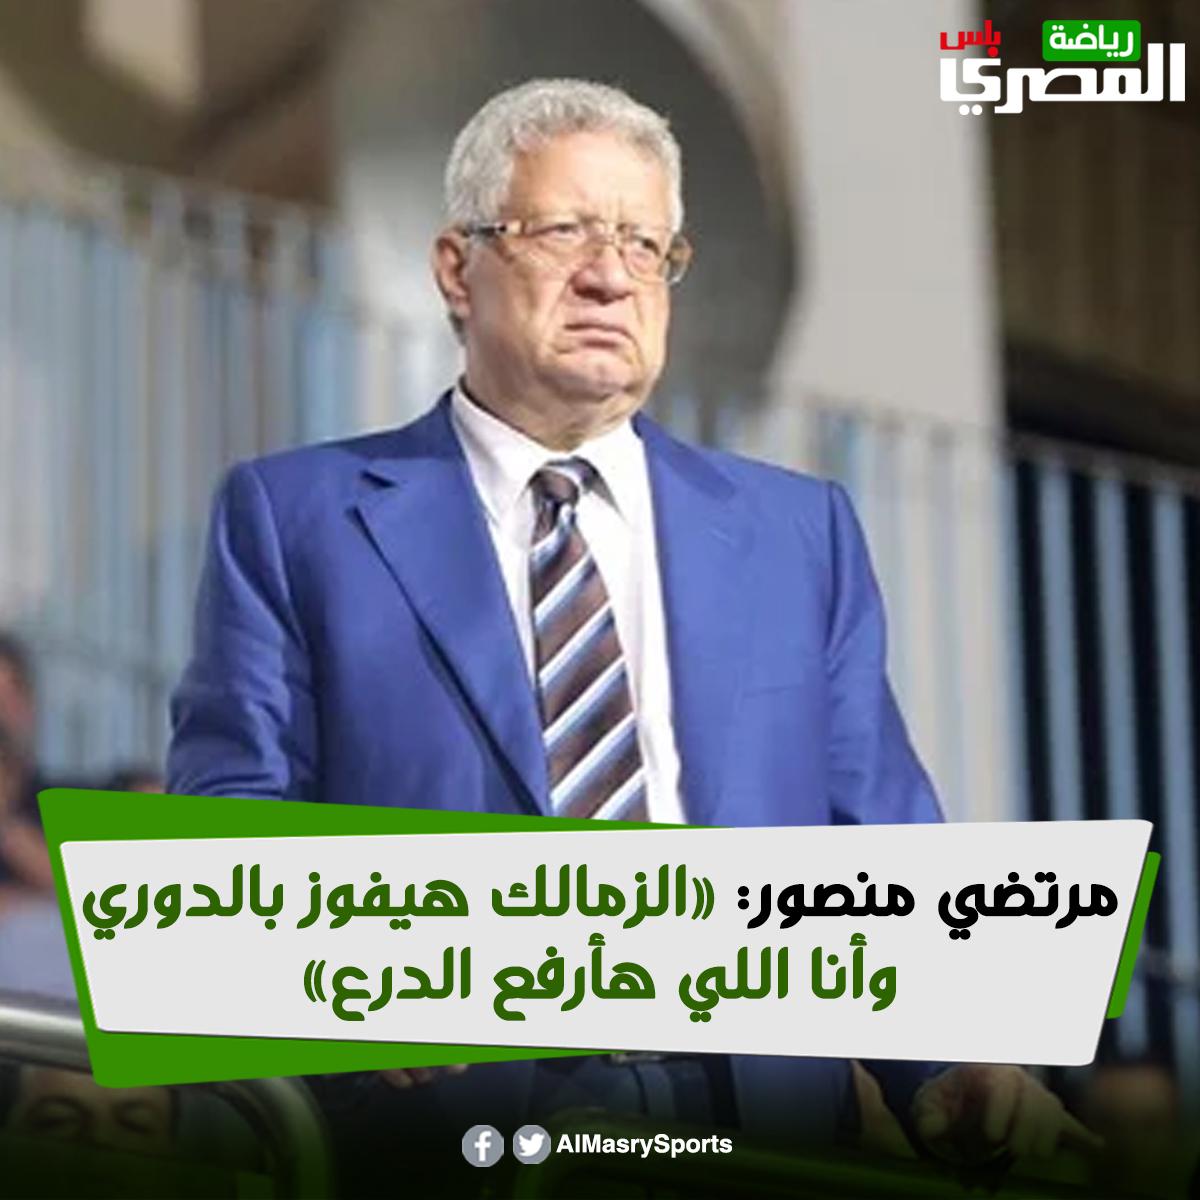 مرتضي منصور « الزمالك هيفوز بــ الدوري وأنا اللي هأرفع الدرع»